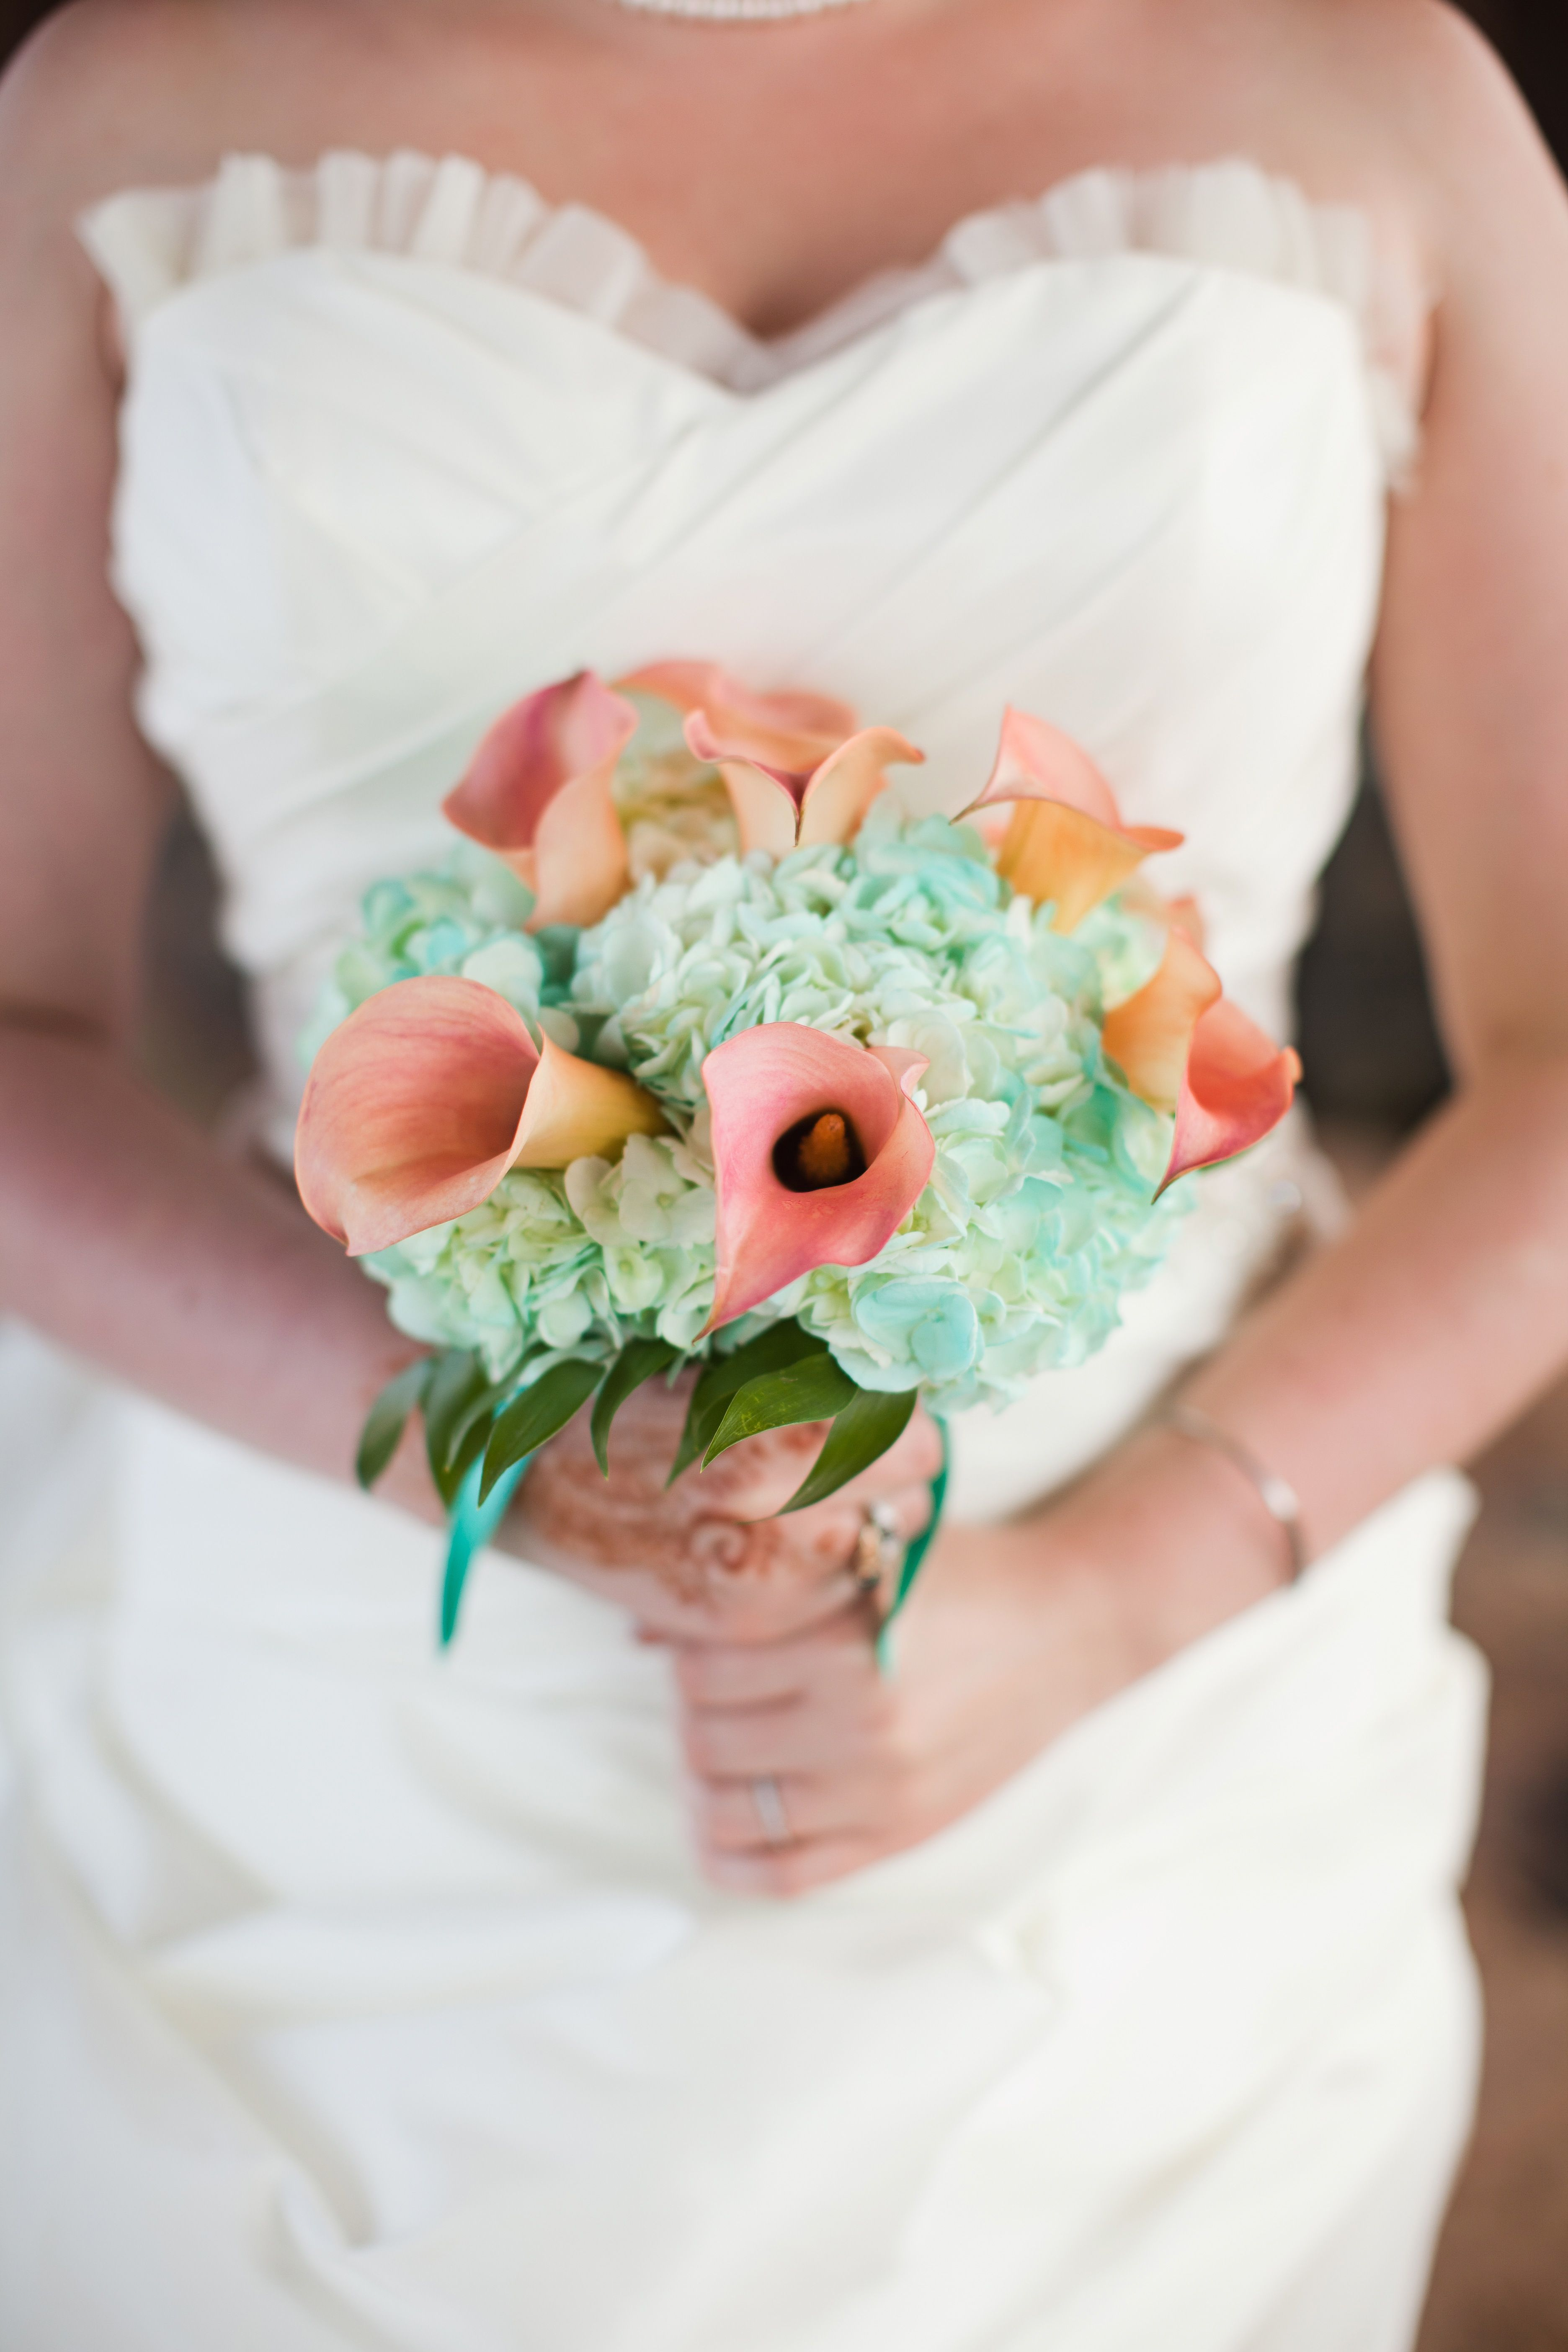 Wedding Bouquet Blue Hydrangea Peach Calla Lily Wedding Dress